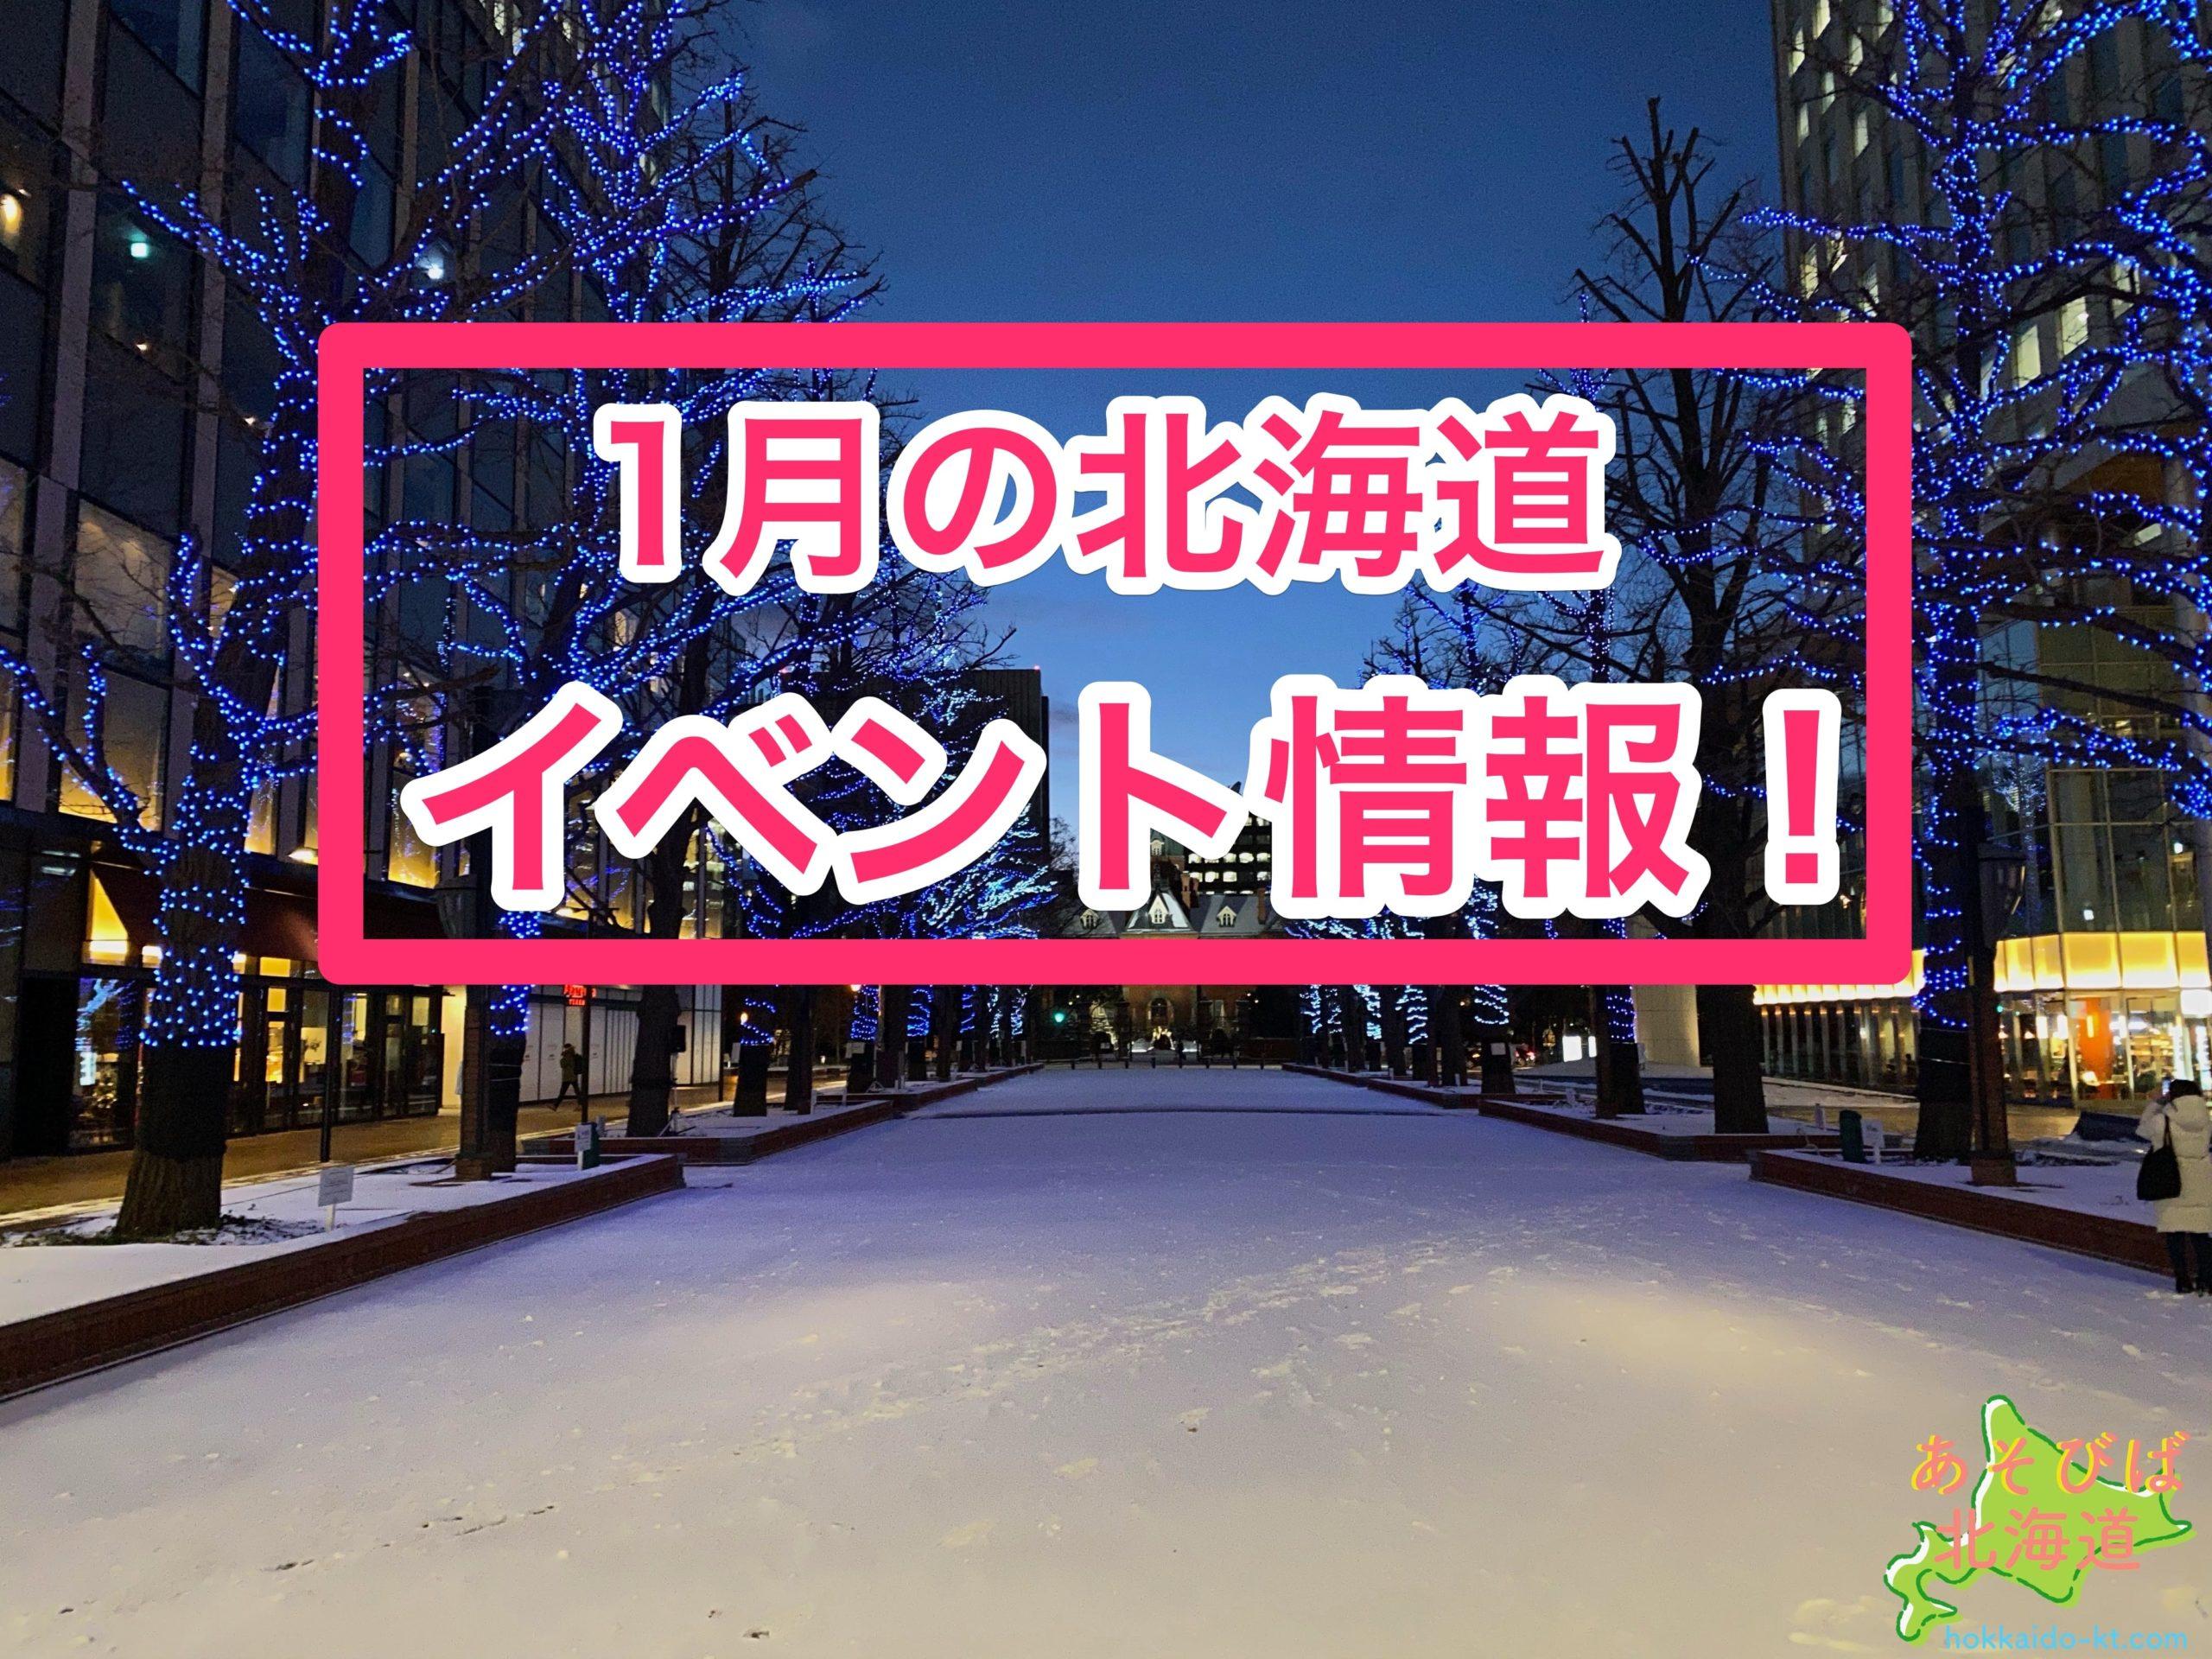 1月北海道イベント情報